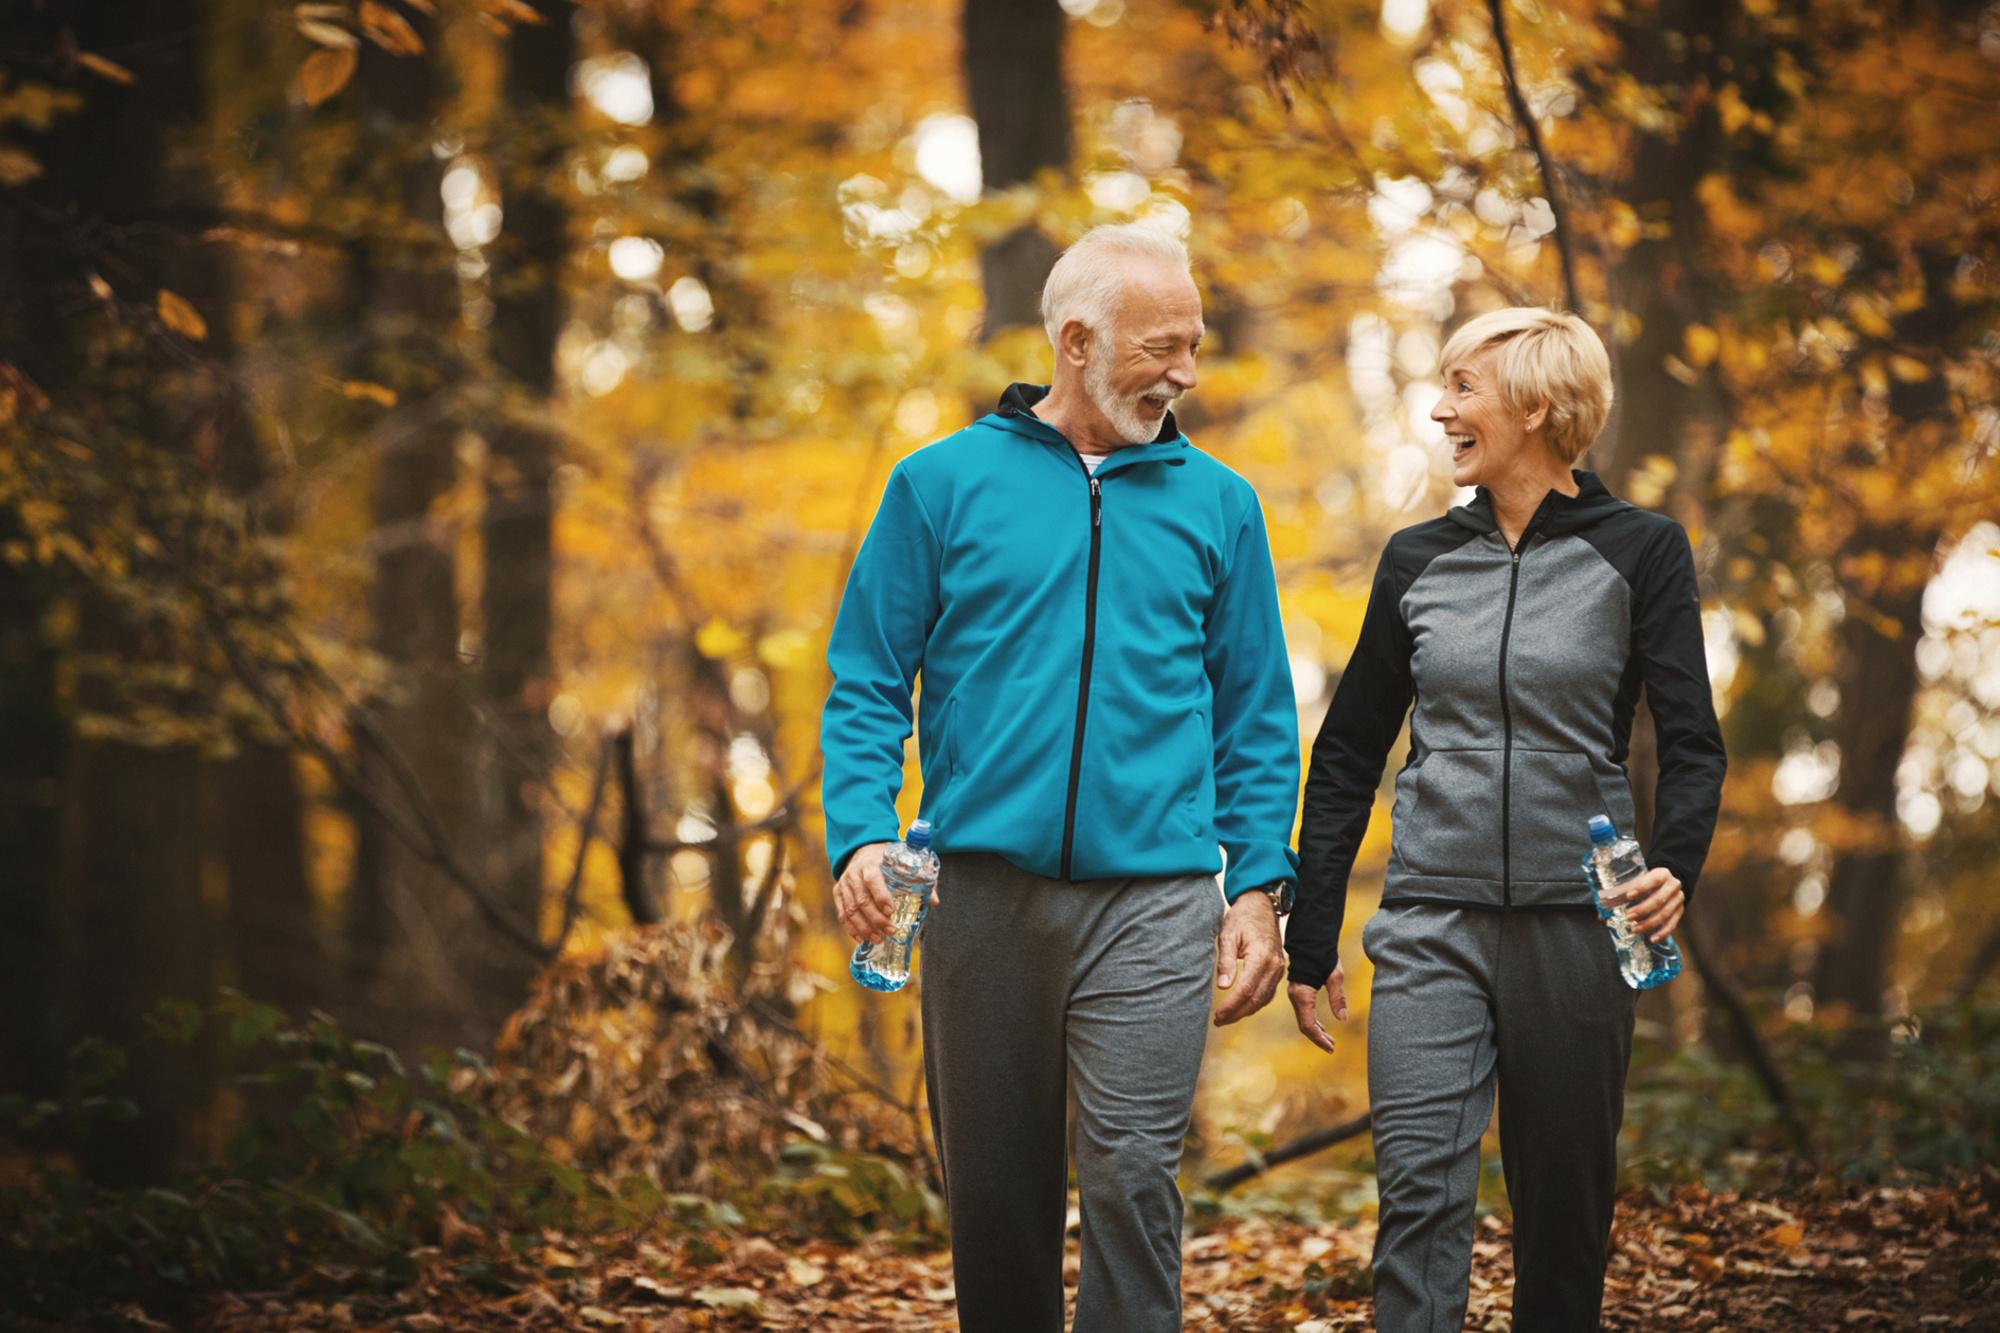 'Als je tegen zeven kilometer per uur stapt, ben je heel actief aan het wandelen', iStock